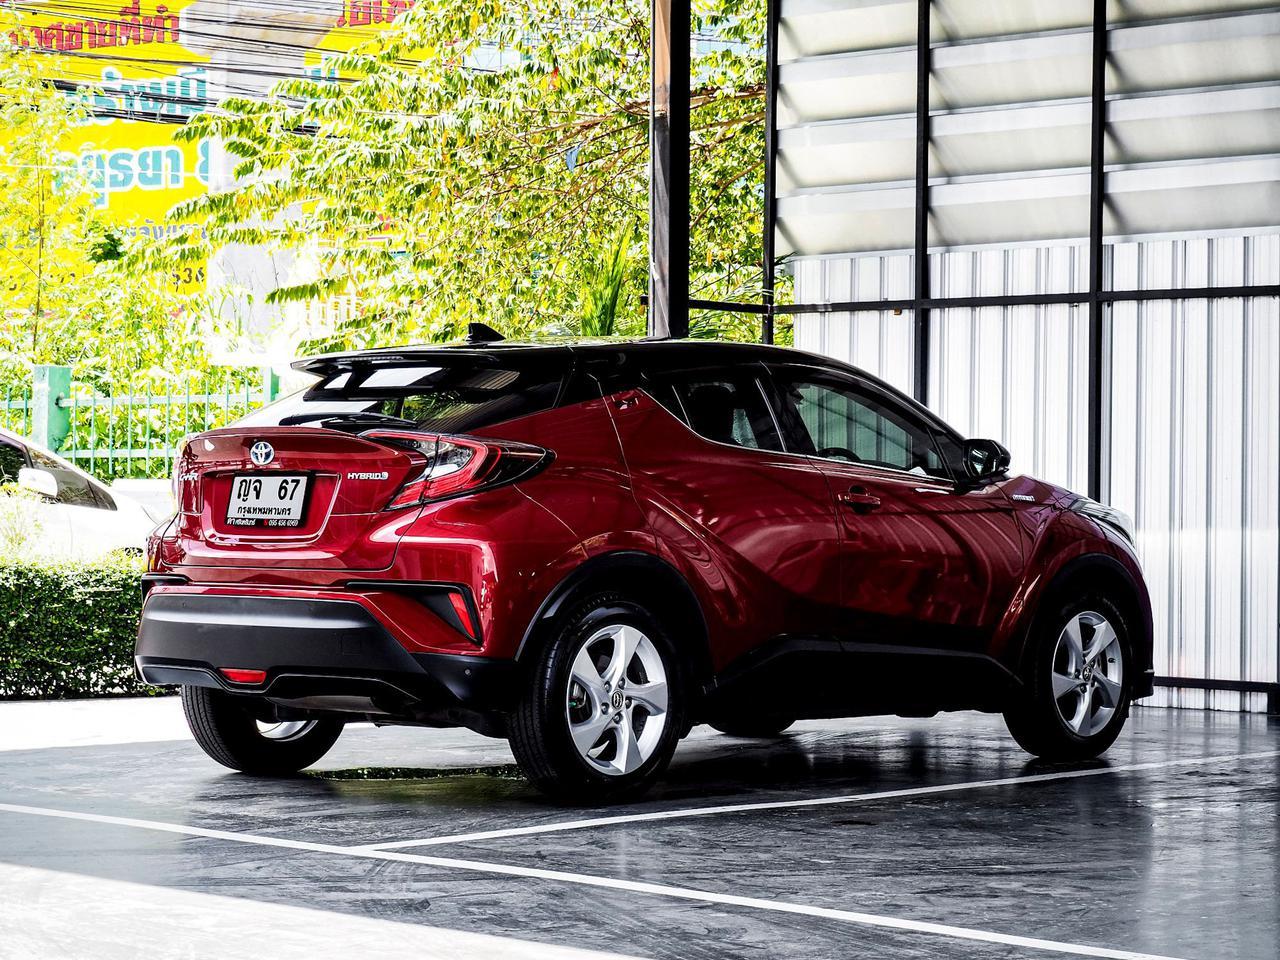 Toyota CHR HV Hi รุ่น Top สุด ปี 2019 เลขไมล์ 60,000 กิโล รูปที่ 6